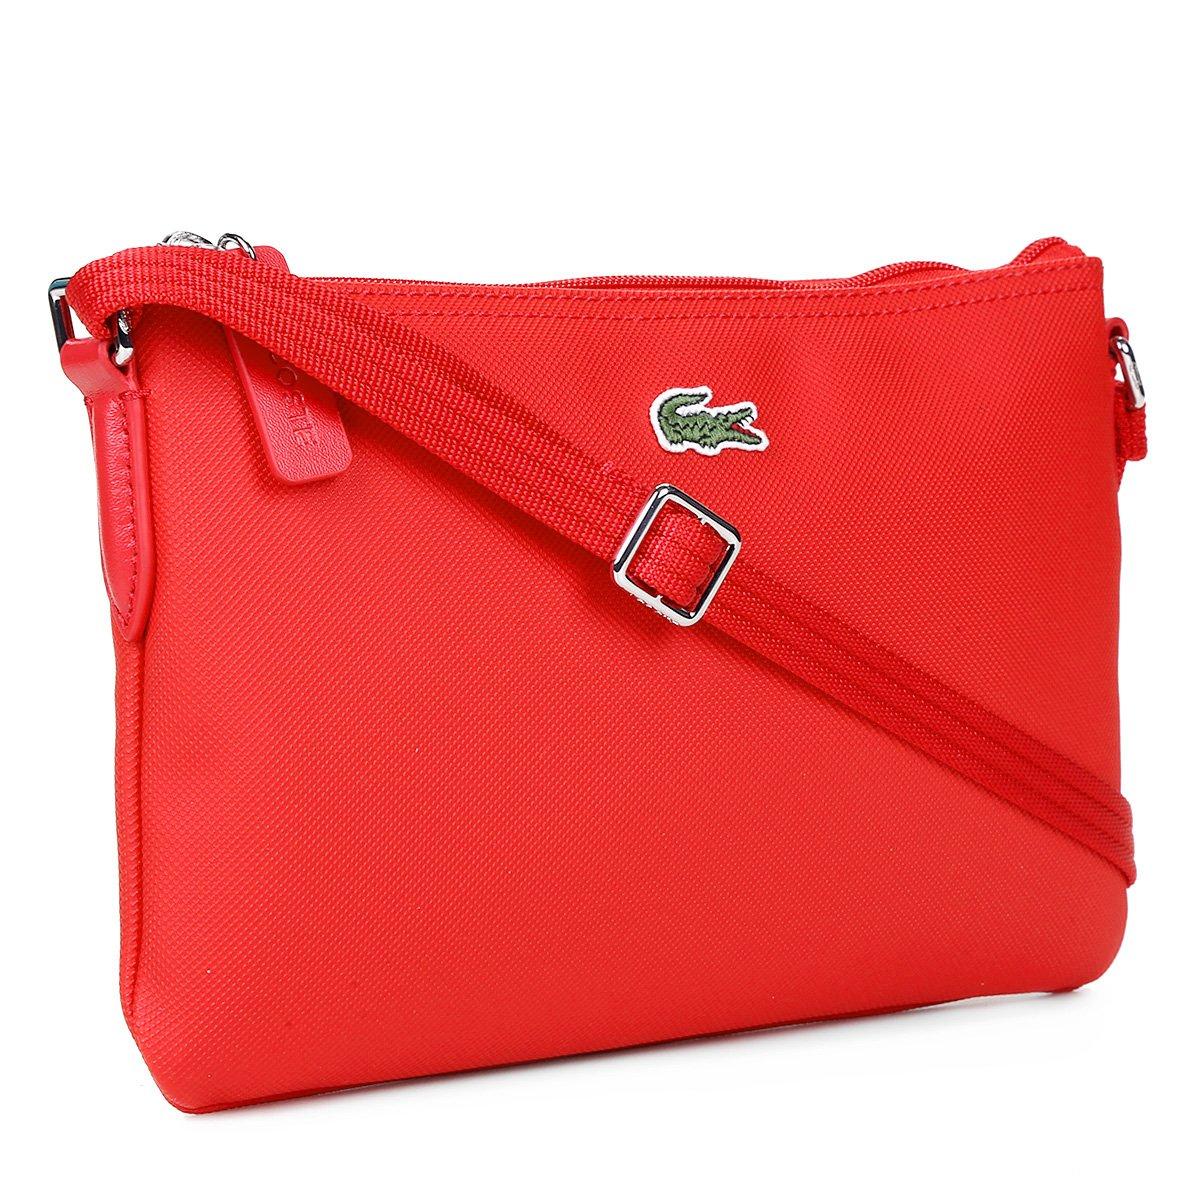 19dc5f09130e4 Bolsa Lacoste Flat Logo Feminina - Coral - Compre Agora   Zattini